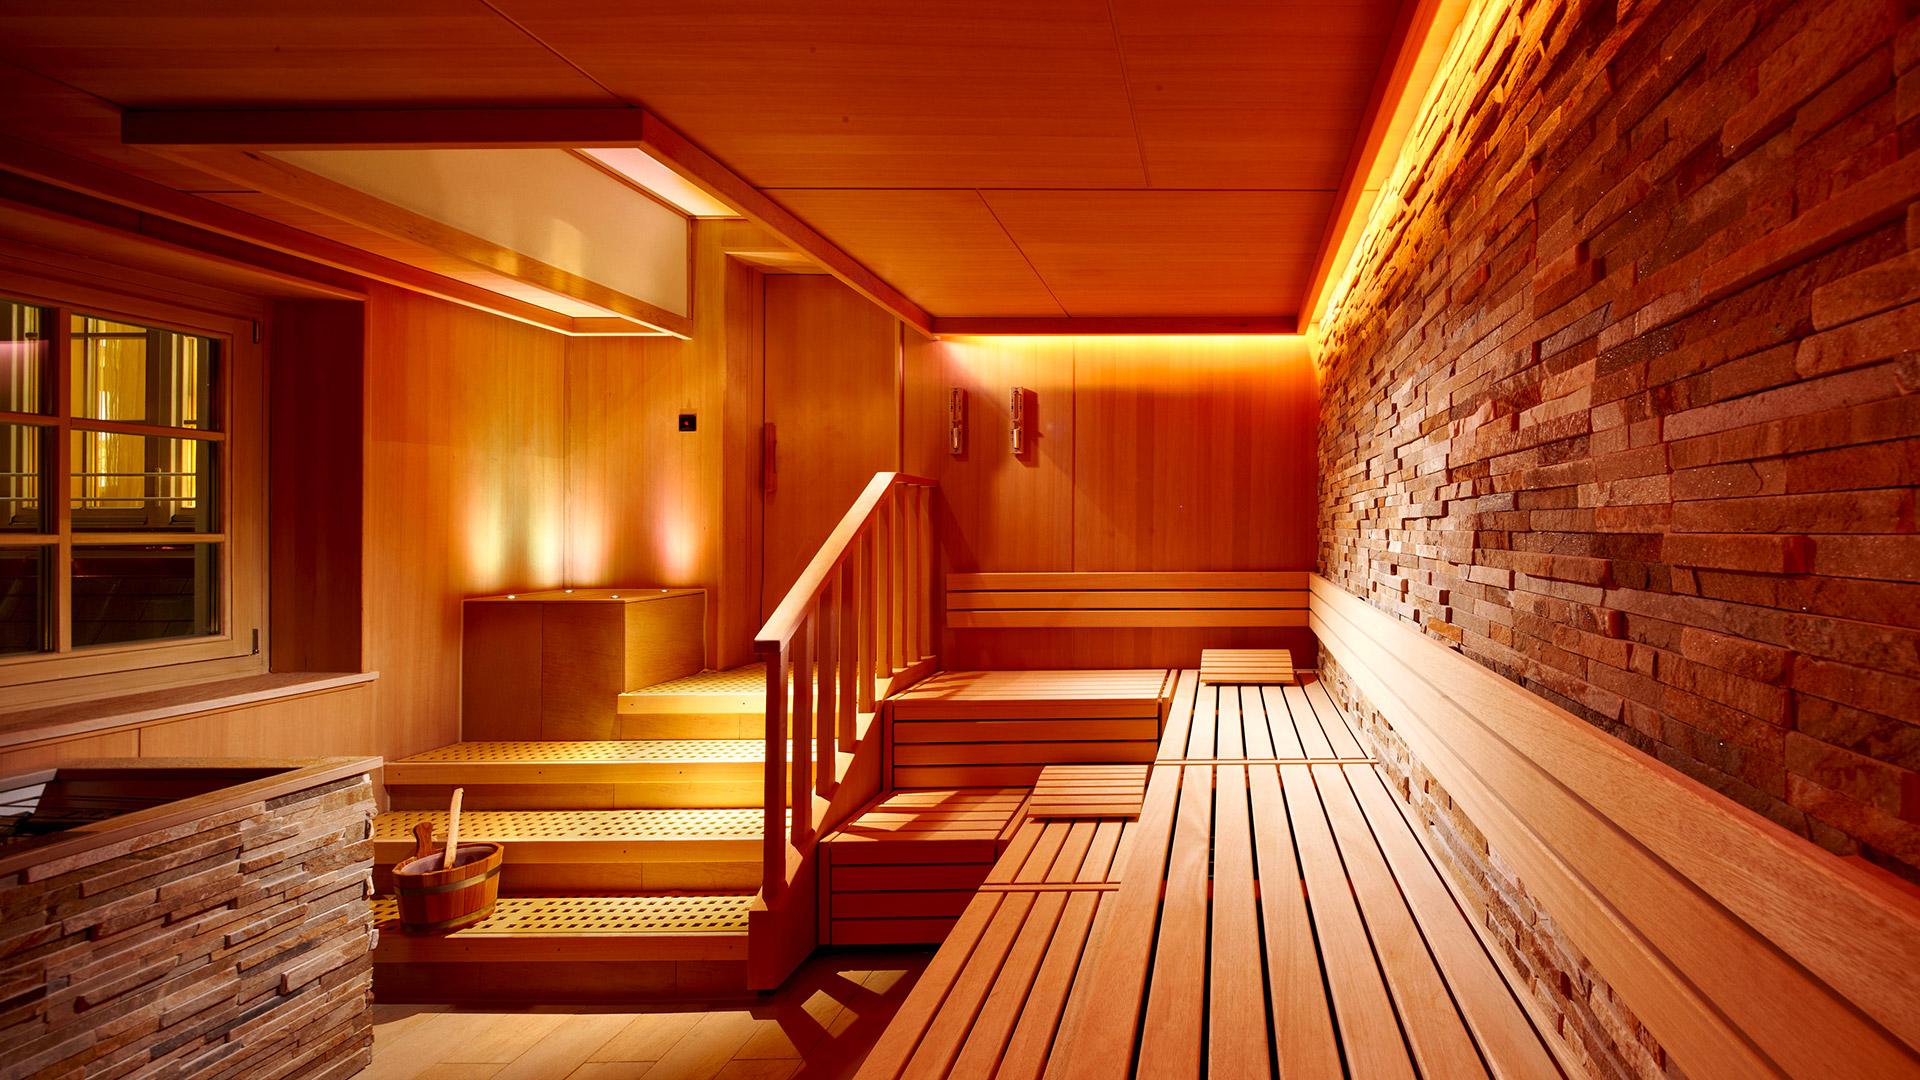 Abano Terme Sauna Bagno Turco.Qual E La Differenza Tra Sauna E Bagno Turco Magazine